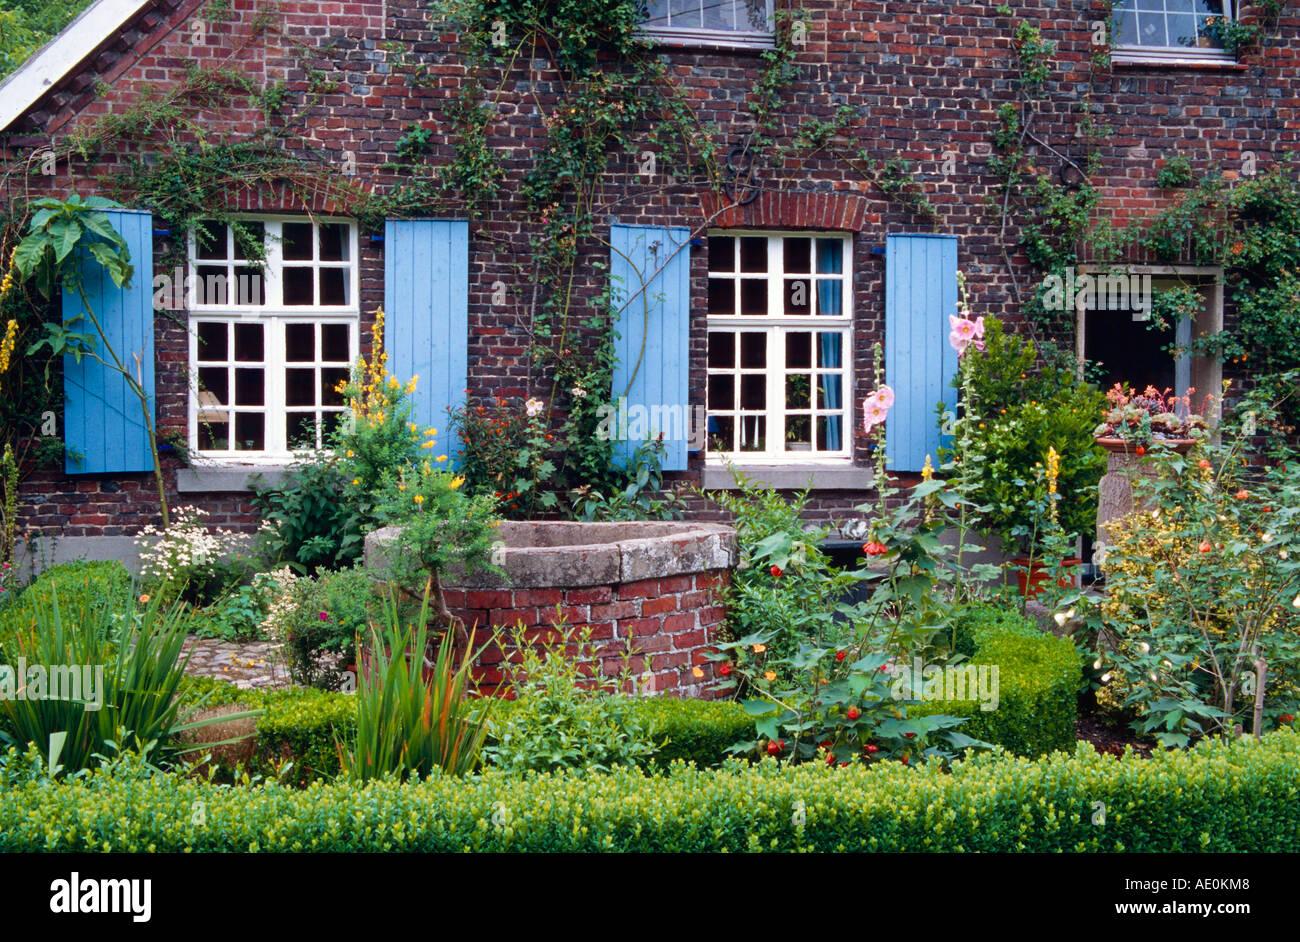 Schöne Garten Aspekt Garten Gartenimpression Nrw Nordrhein Westfalen